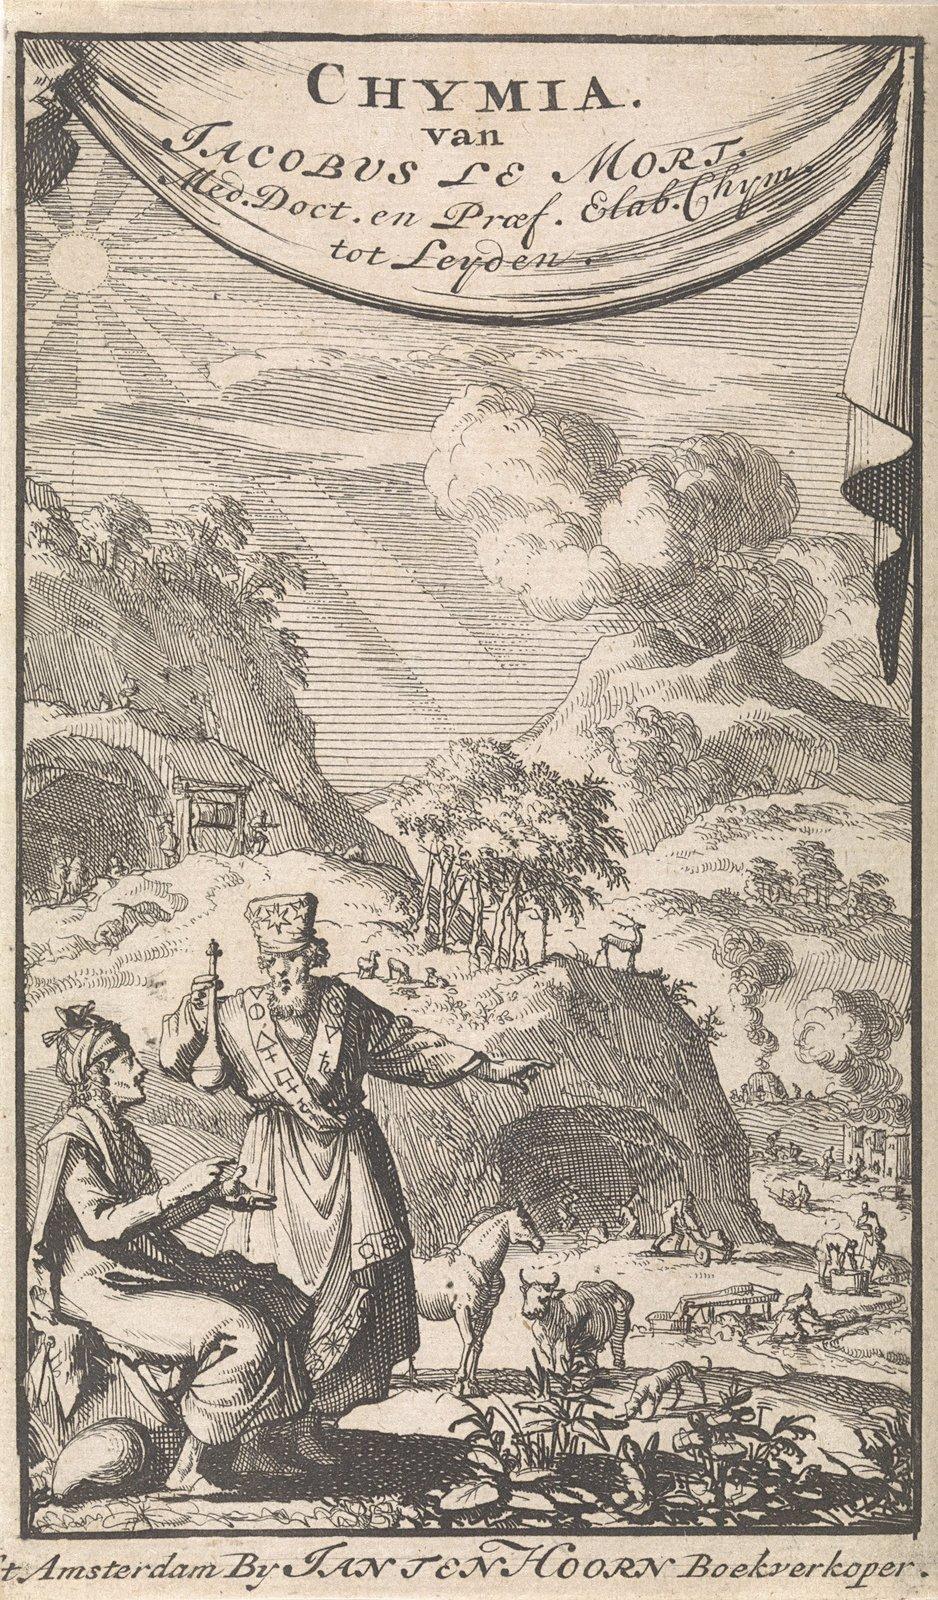 Twee wetenschappers discussiërend in een landschap